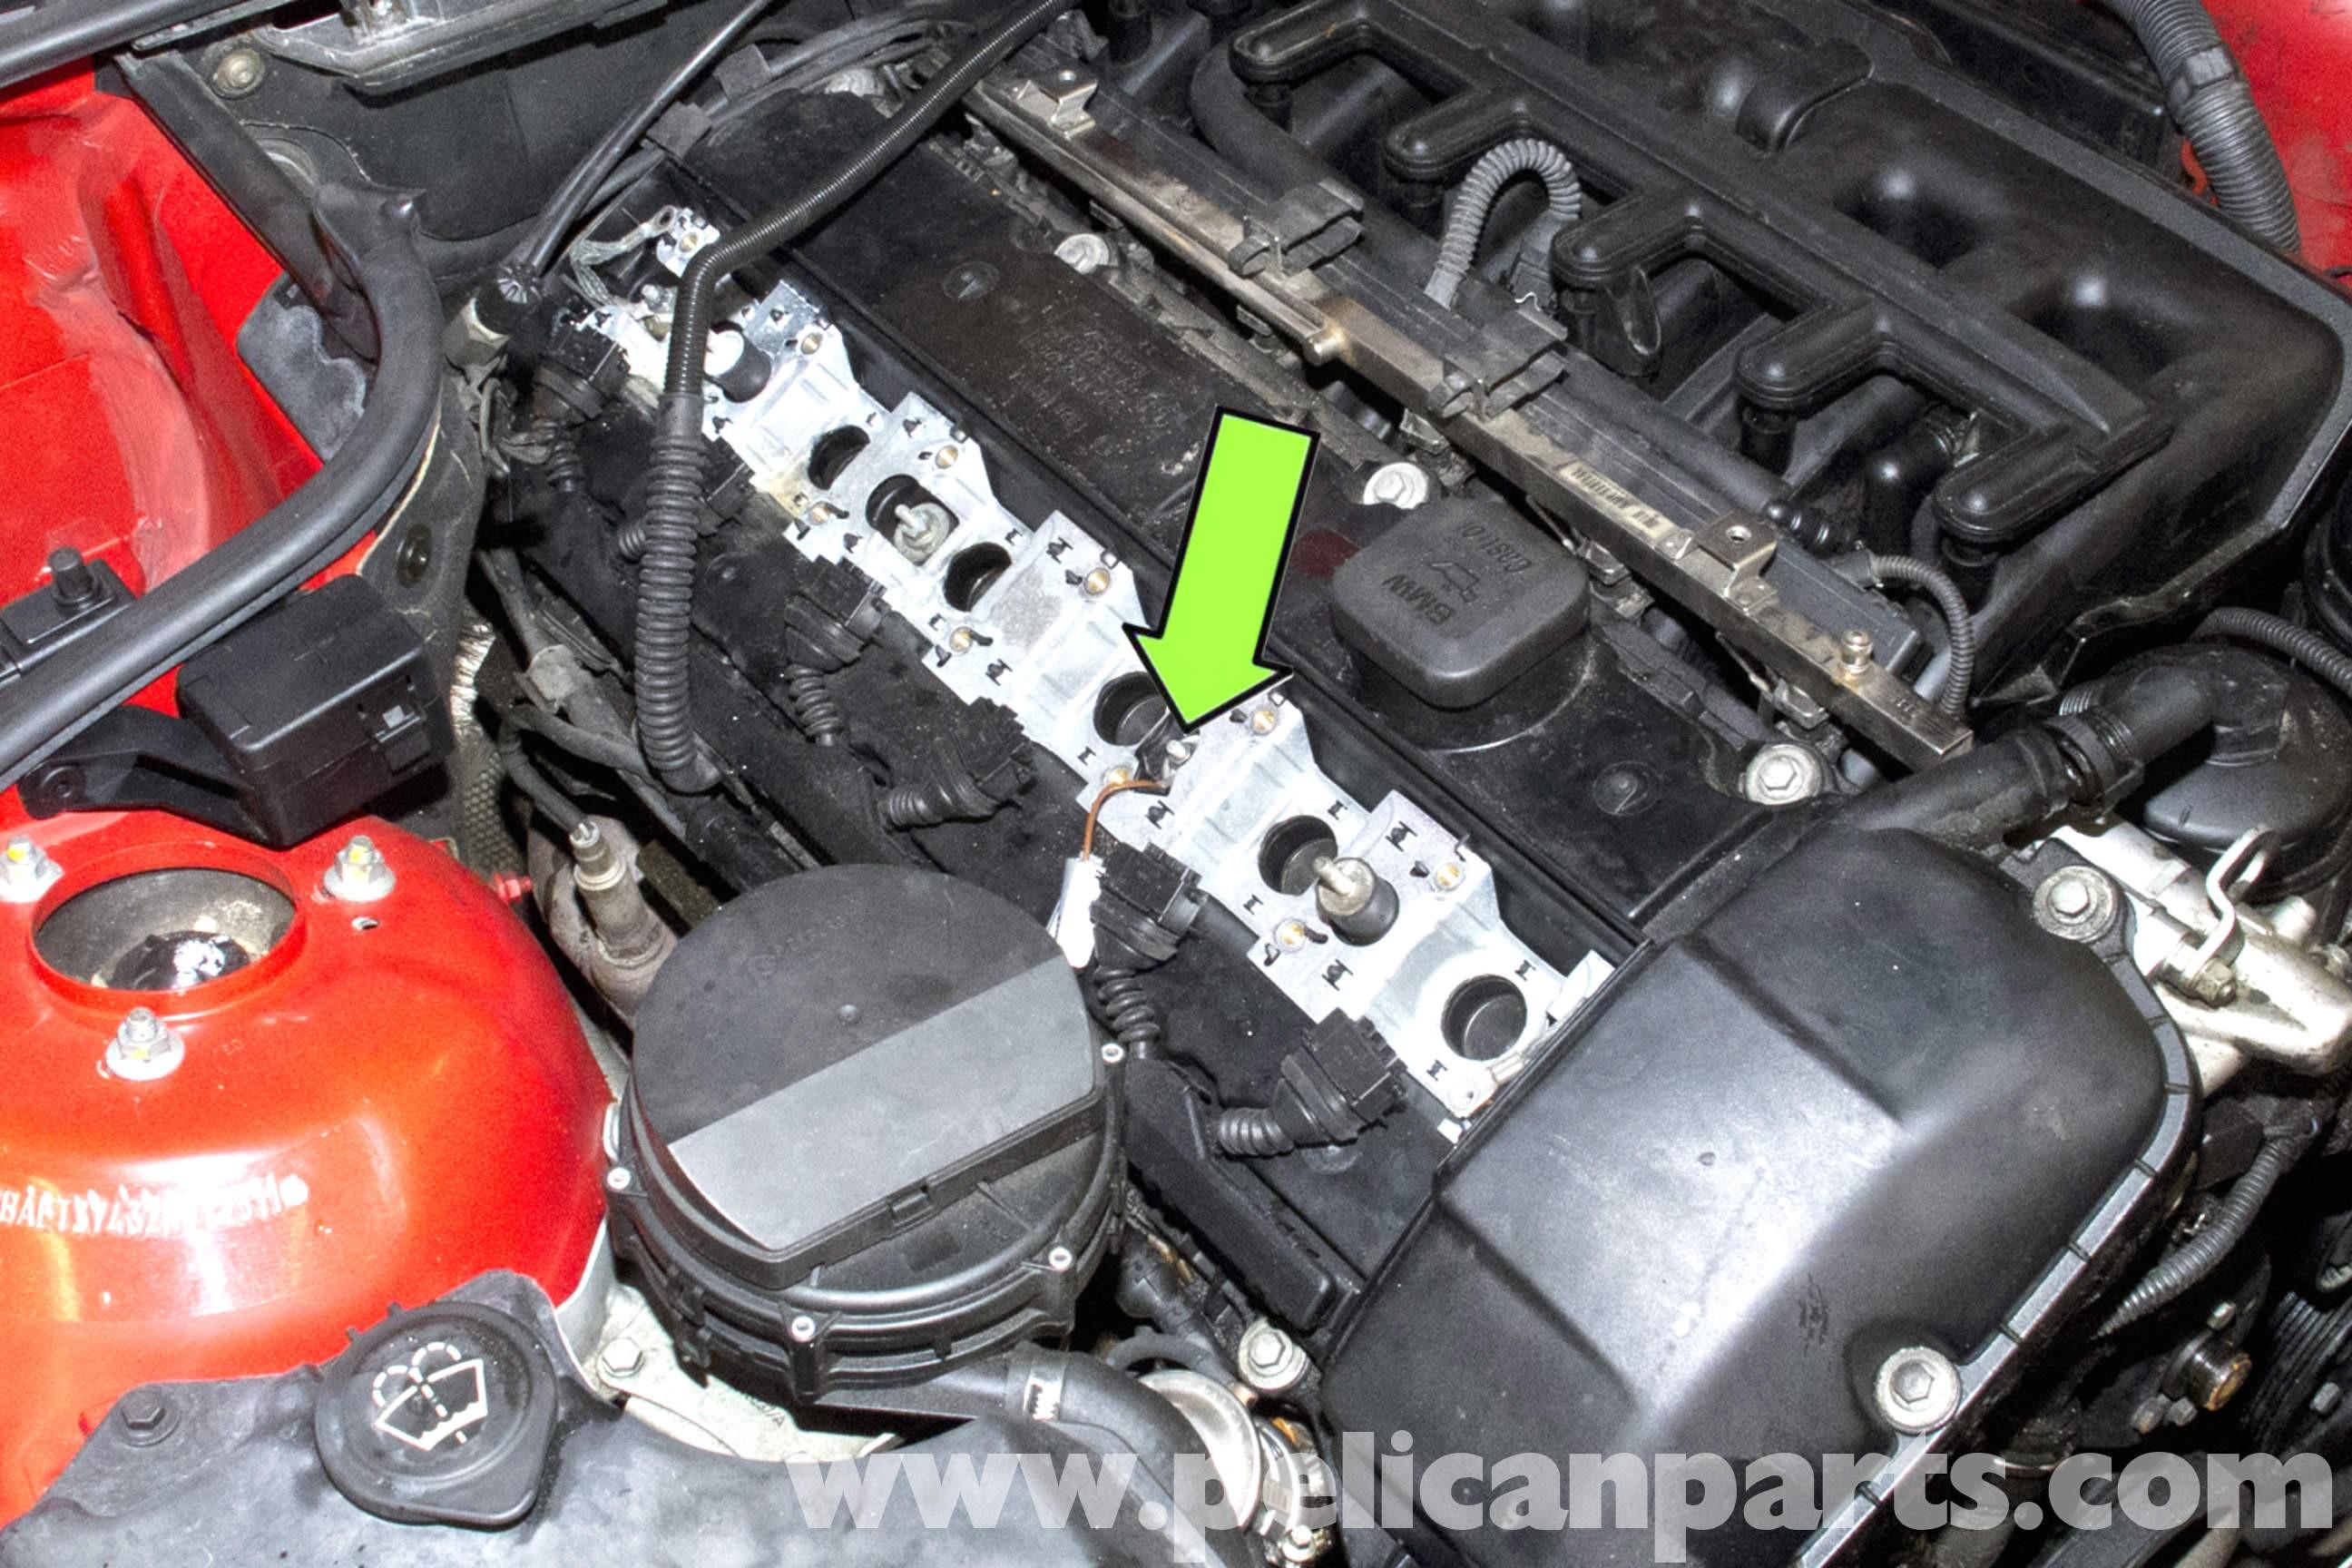 2000 Bmw 328i Engine Diagram Bmw E46 Valve Cover Removal Of 2000 Bmw 328i Engine Diagram